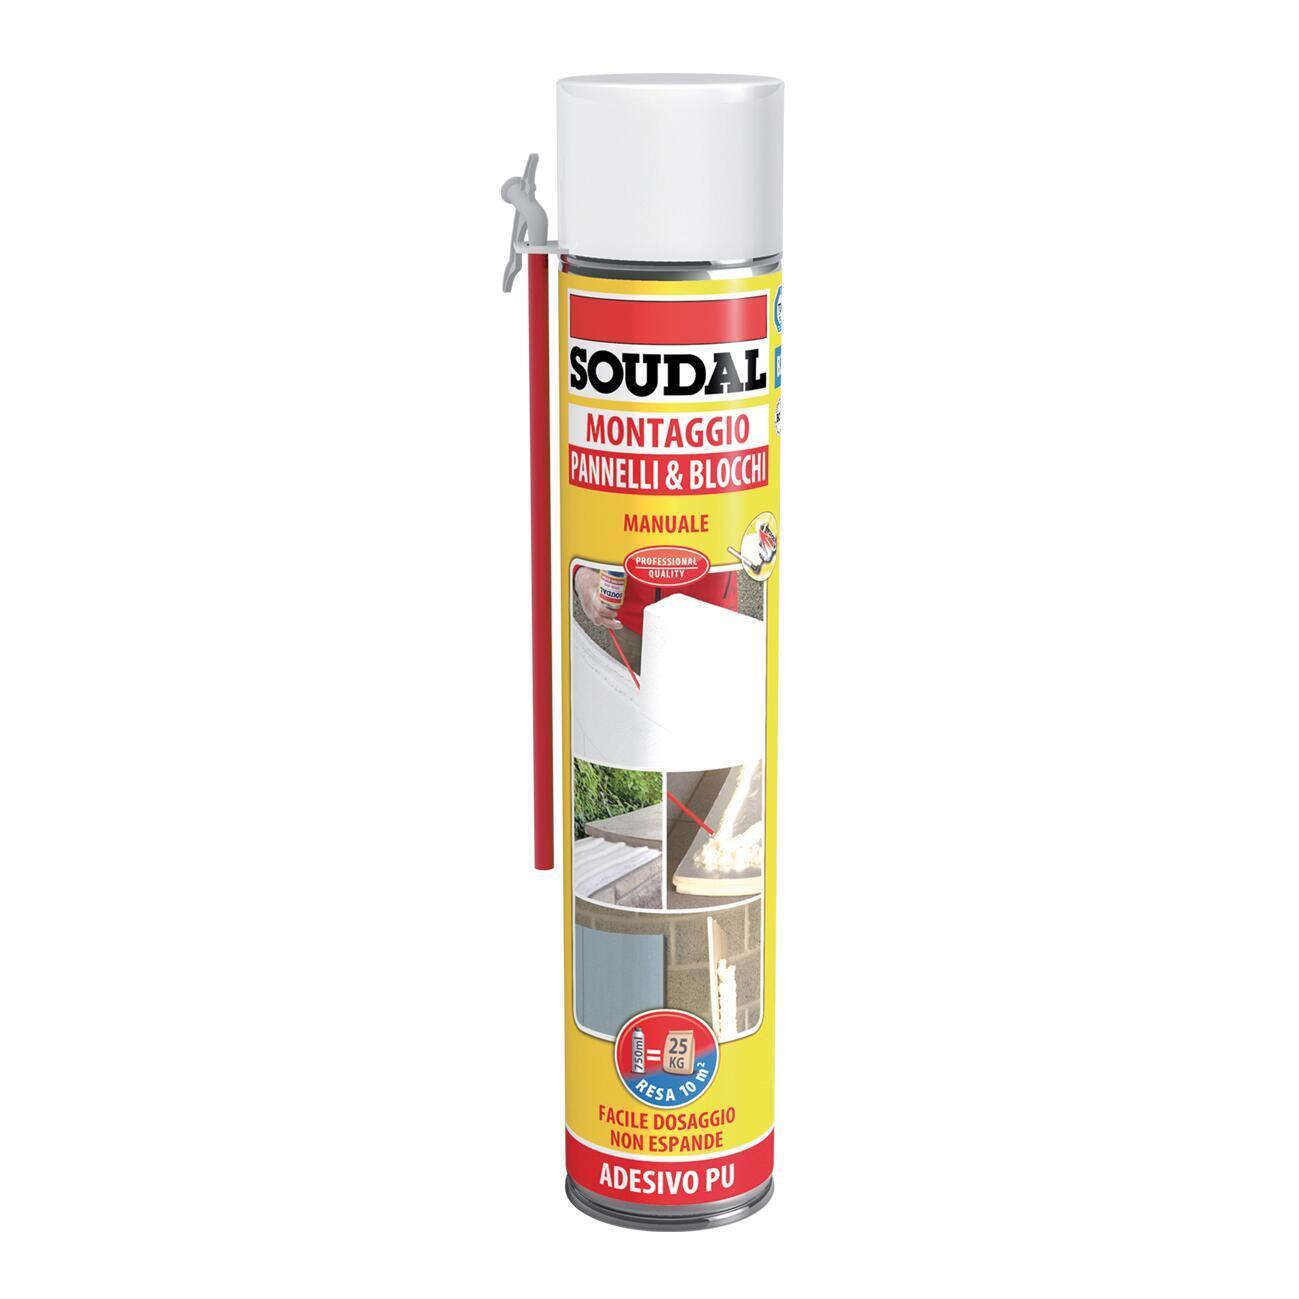 Schiuma poliuretanica SOUDAL Pannelli e blocchi rame per pannello 0,6 ml - 1